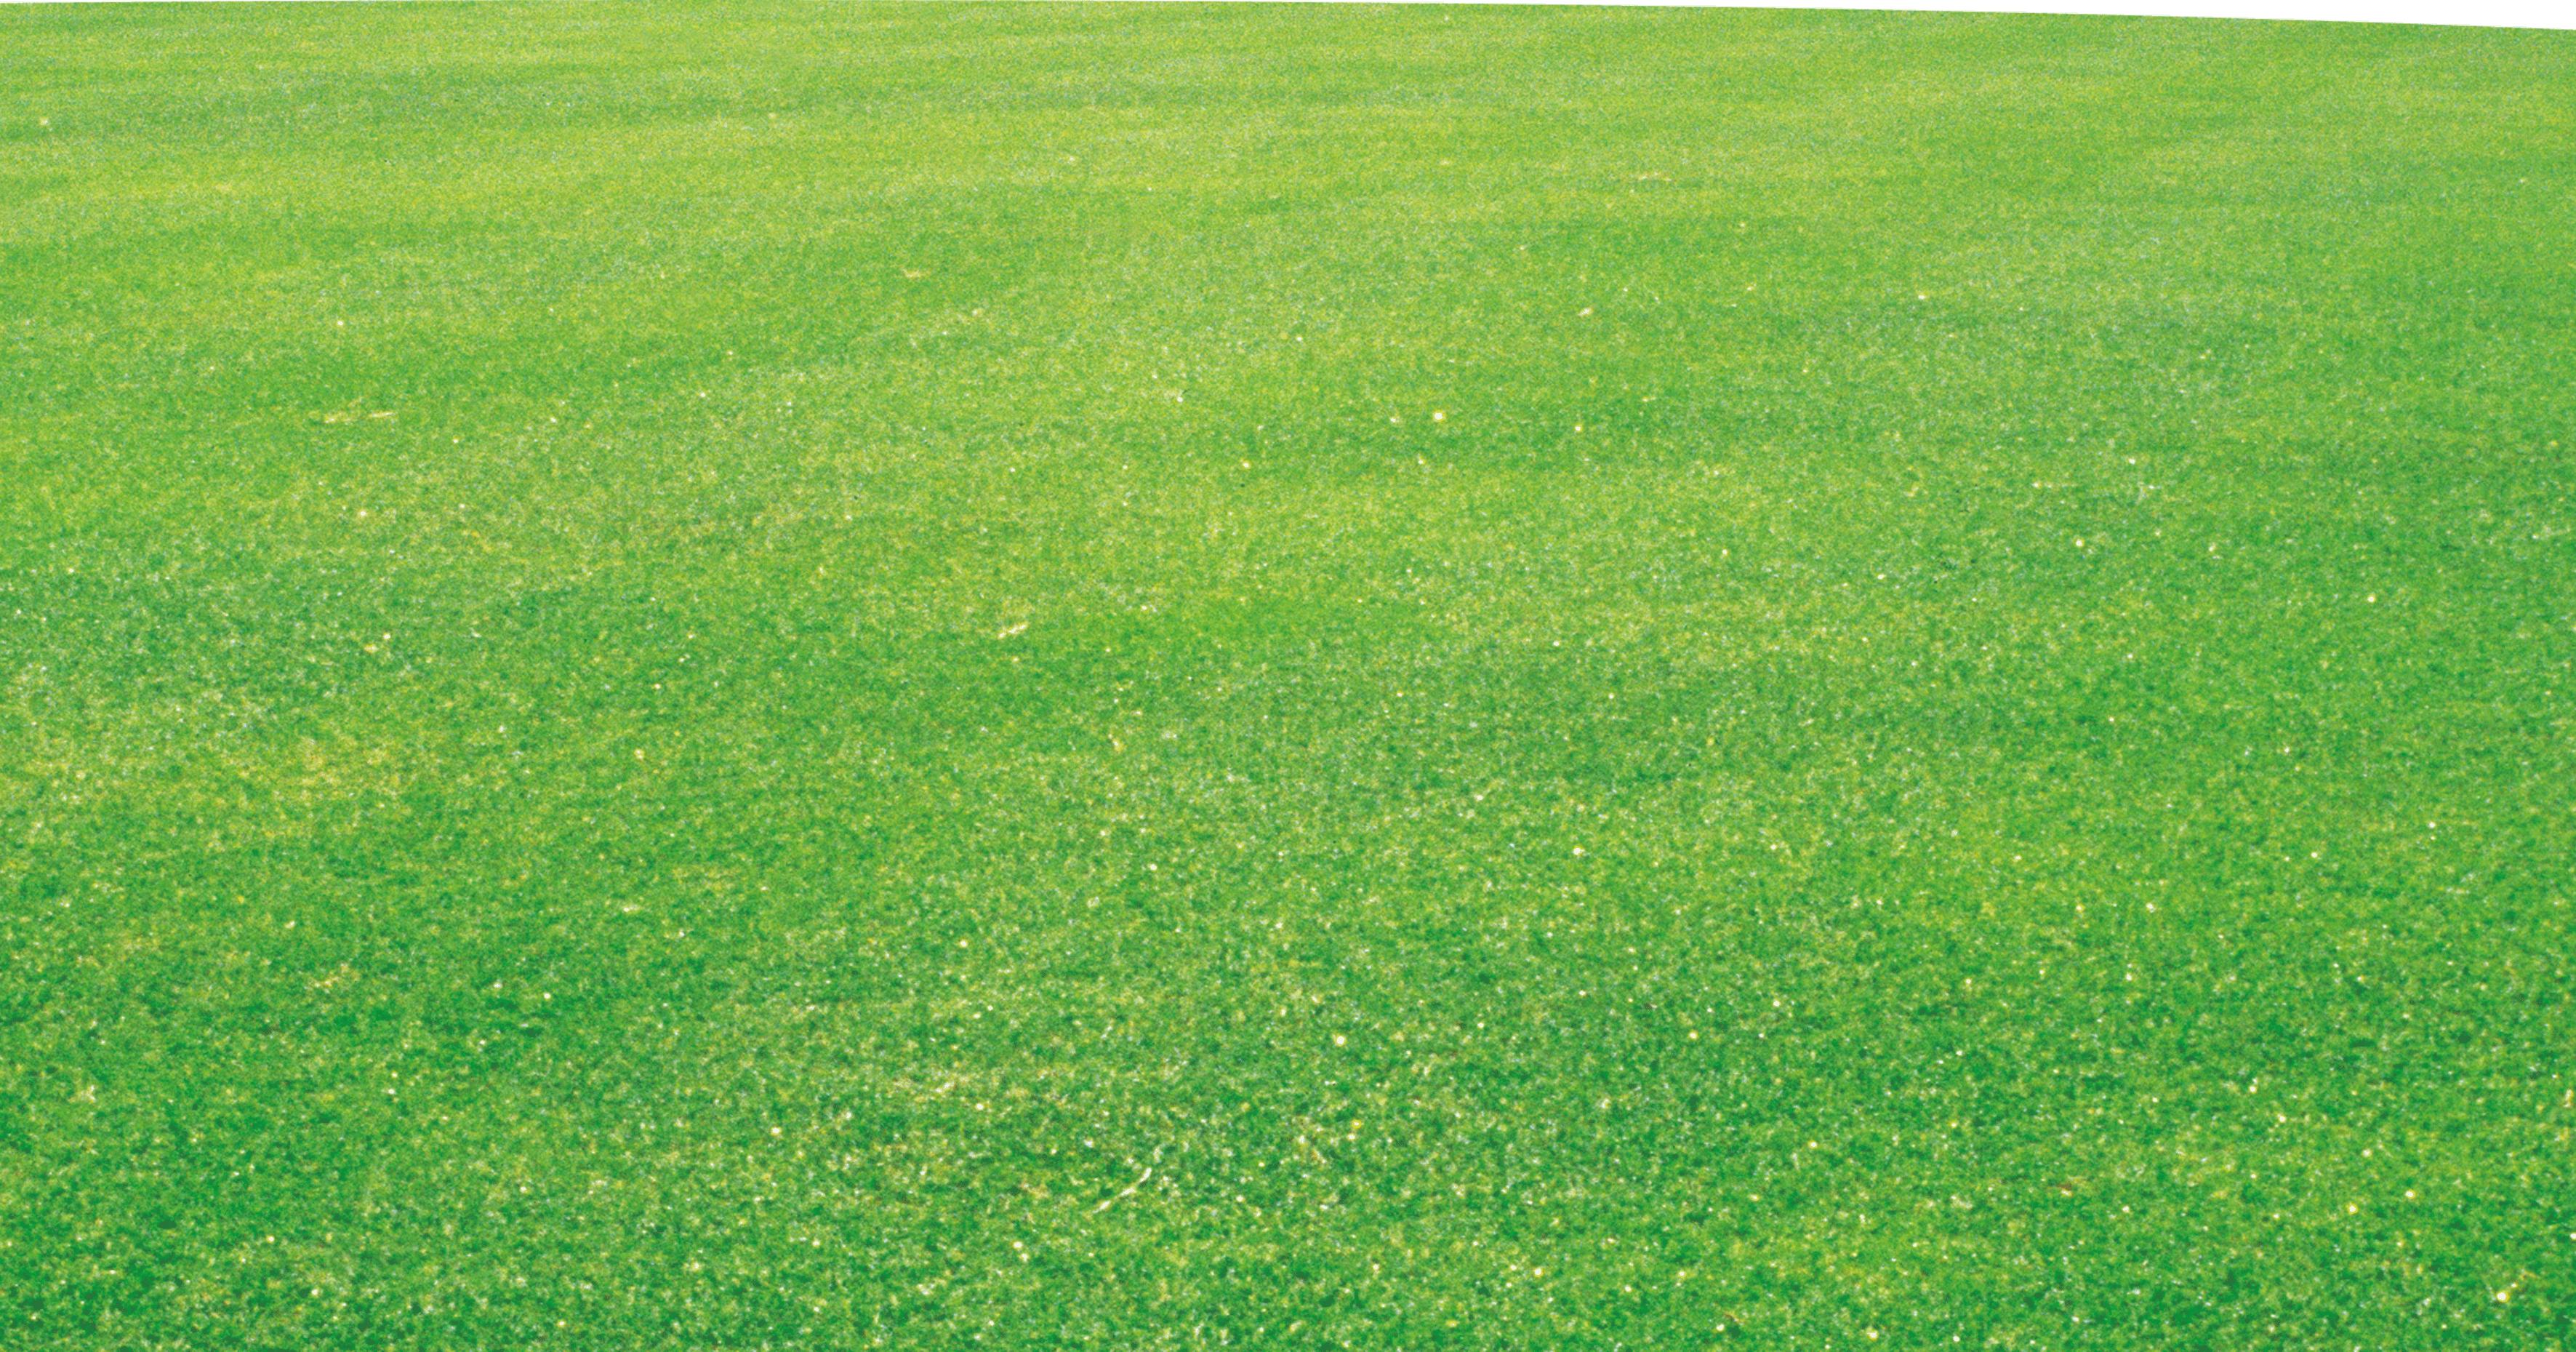 Crop Lawn Grassland Field Fodder.